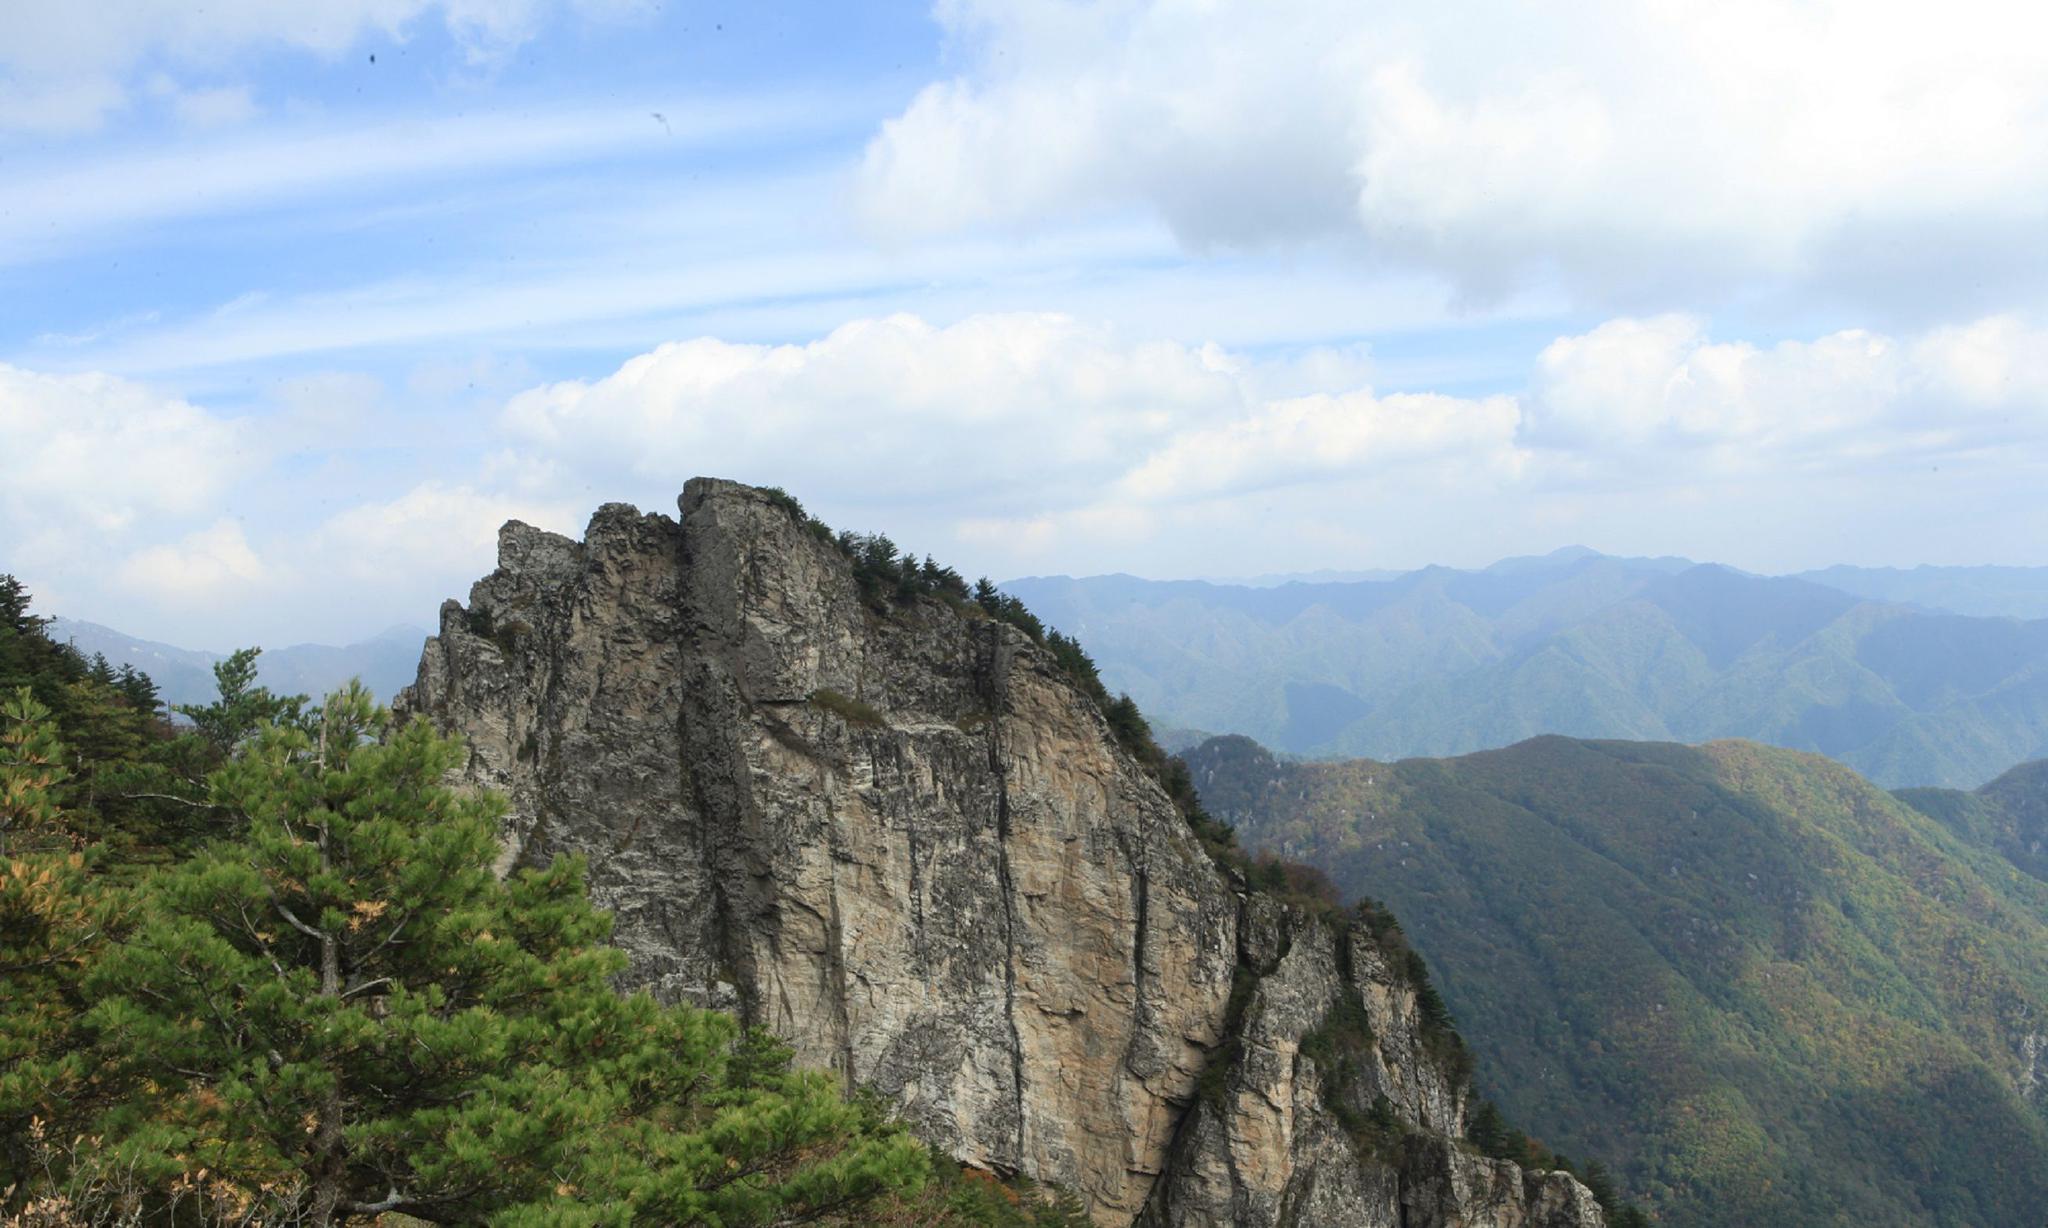 秦岭四宝之一的羚牛栖息地,连绵的群山之中风光无限美